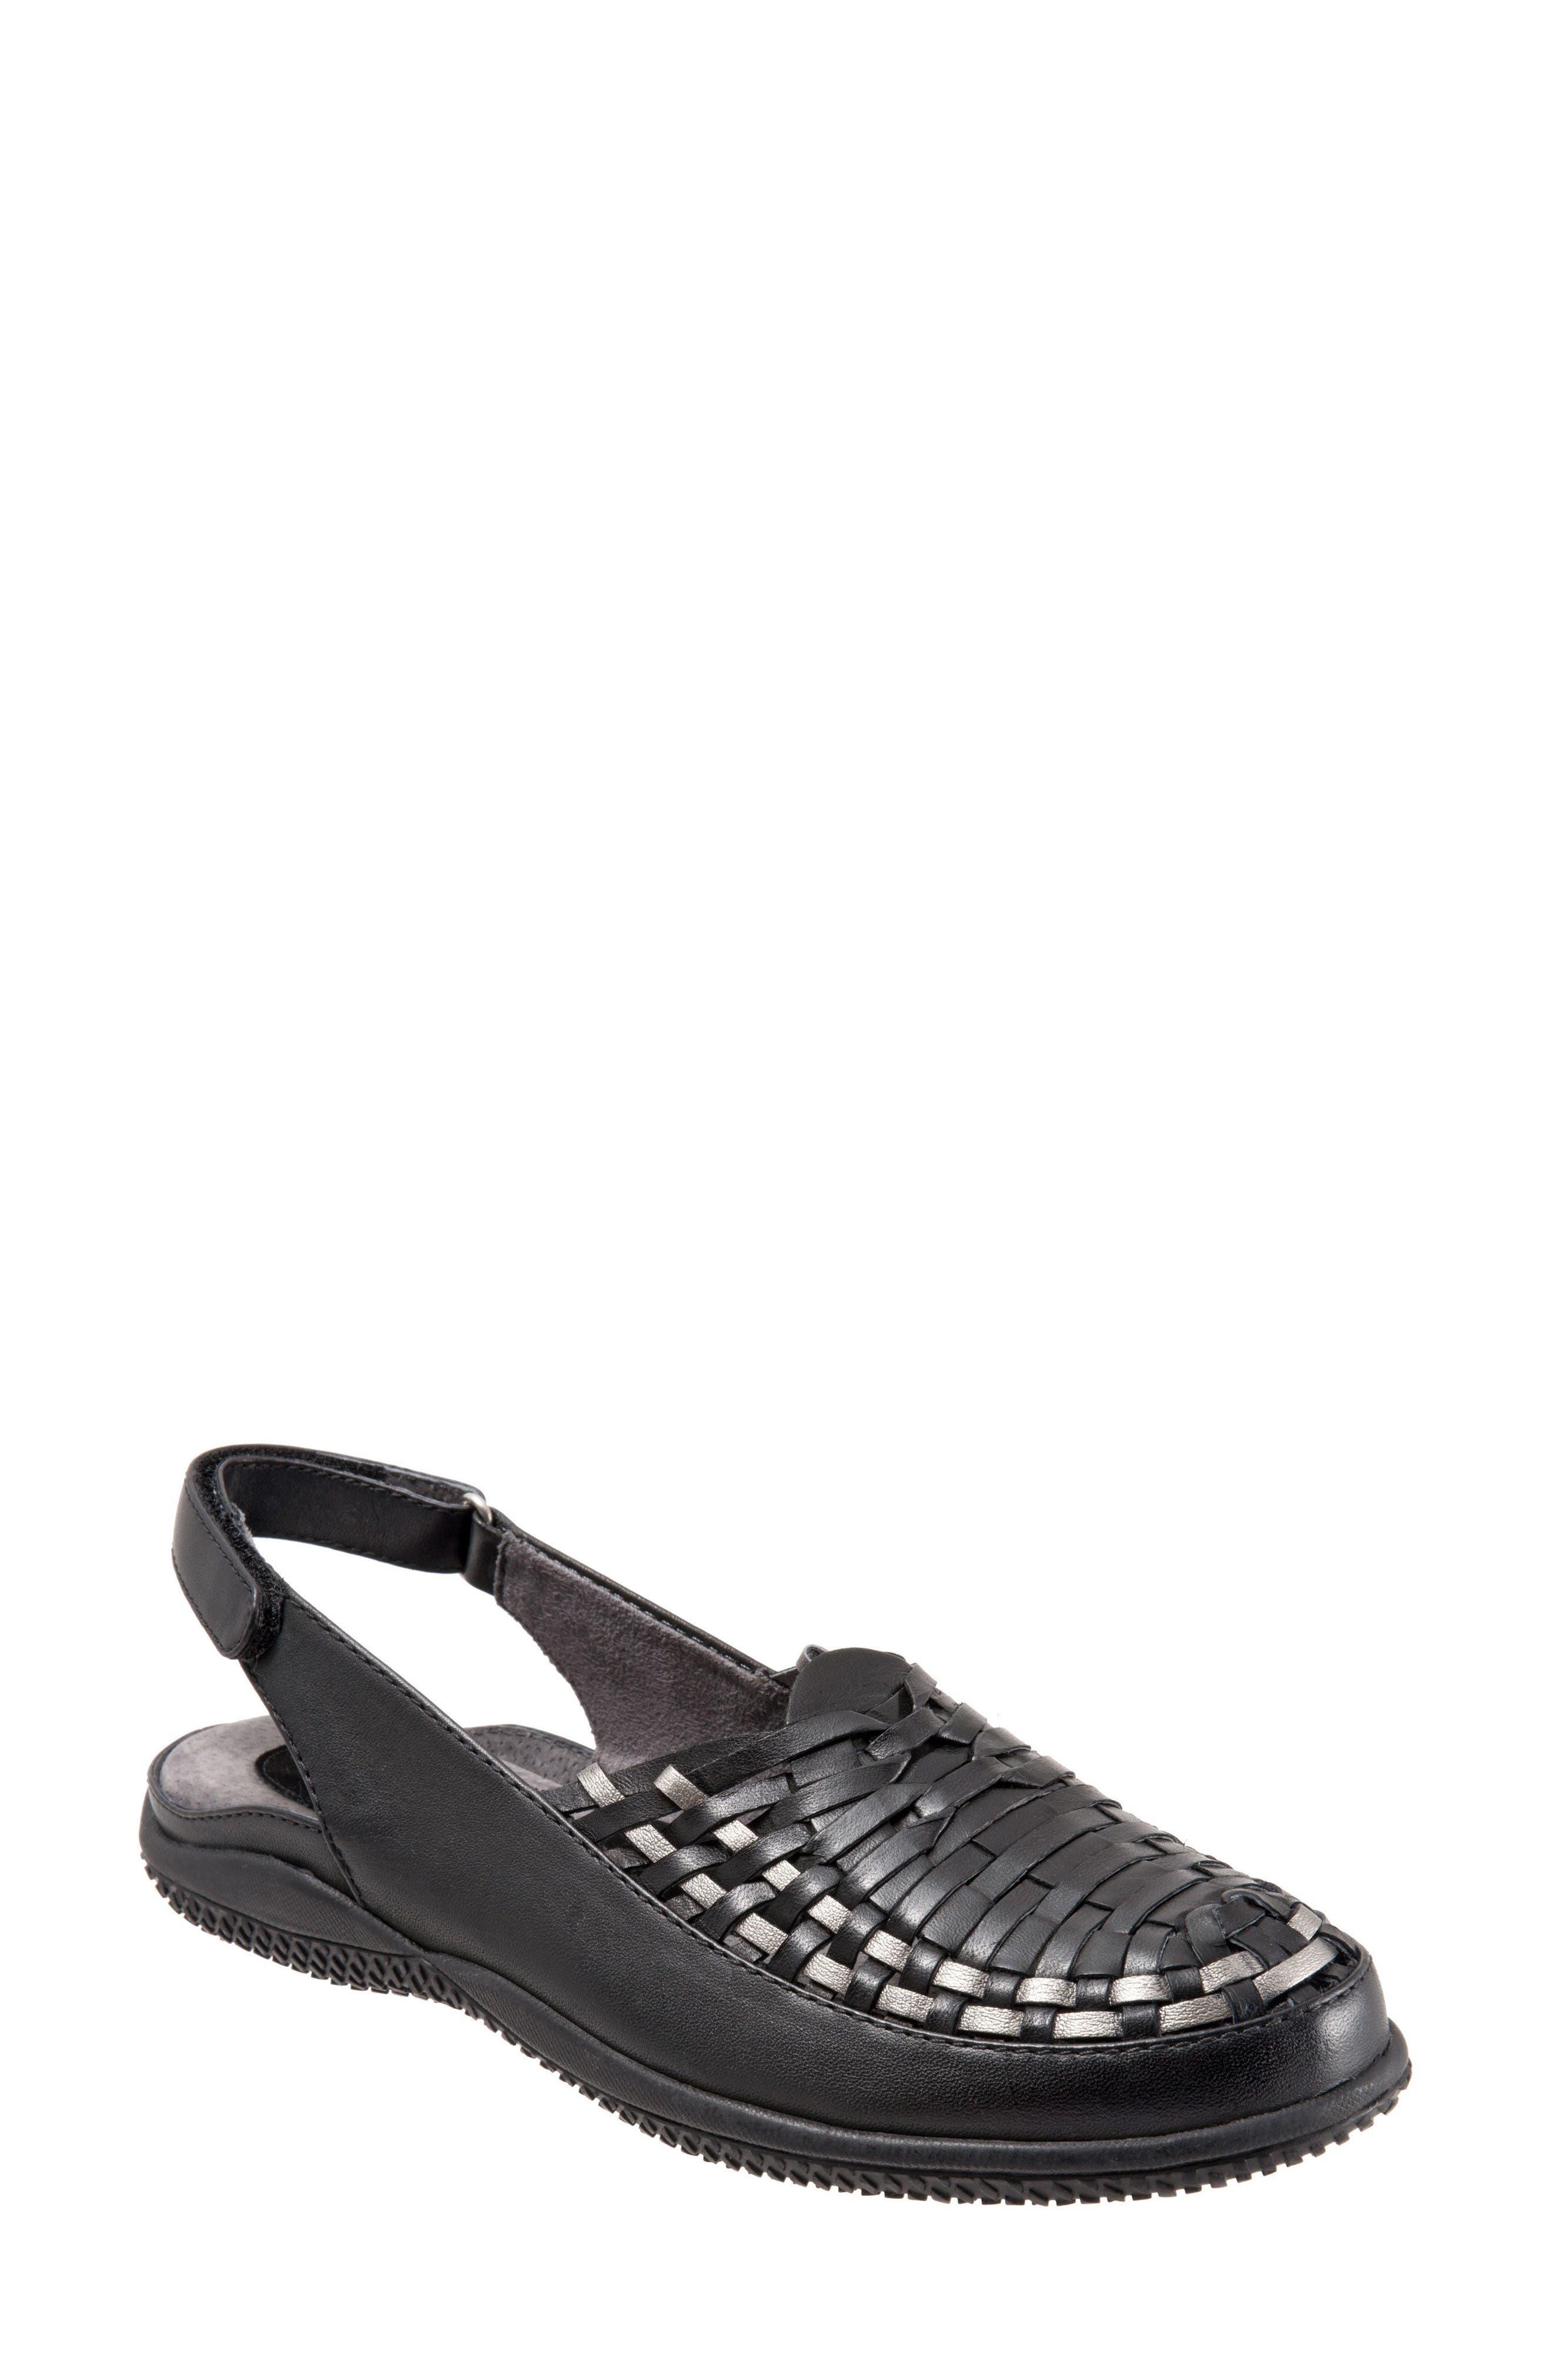 Harper Slingback Clog,                         Main,                         color, Black/ Pewter Leather